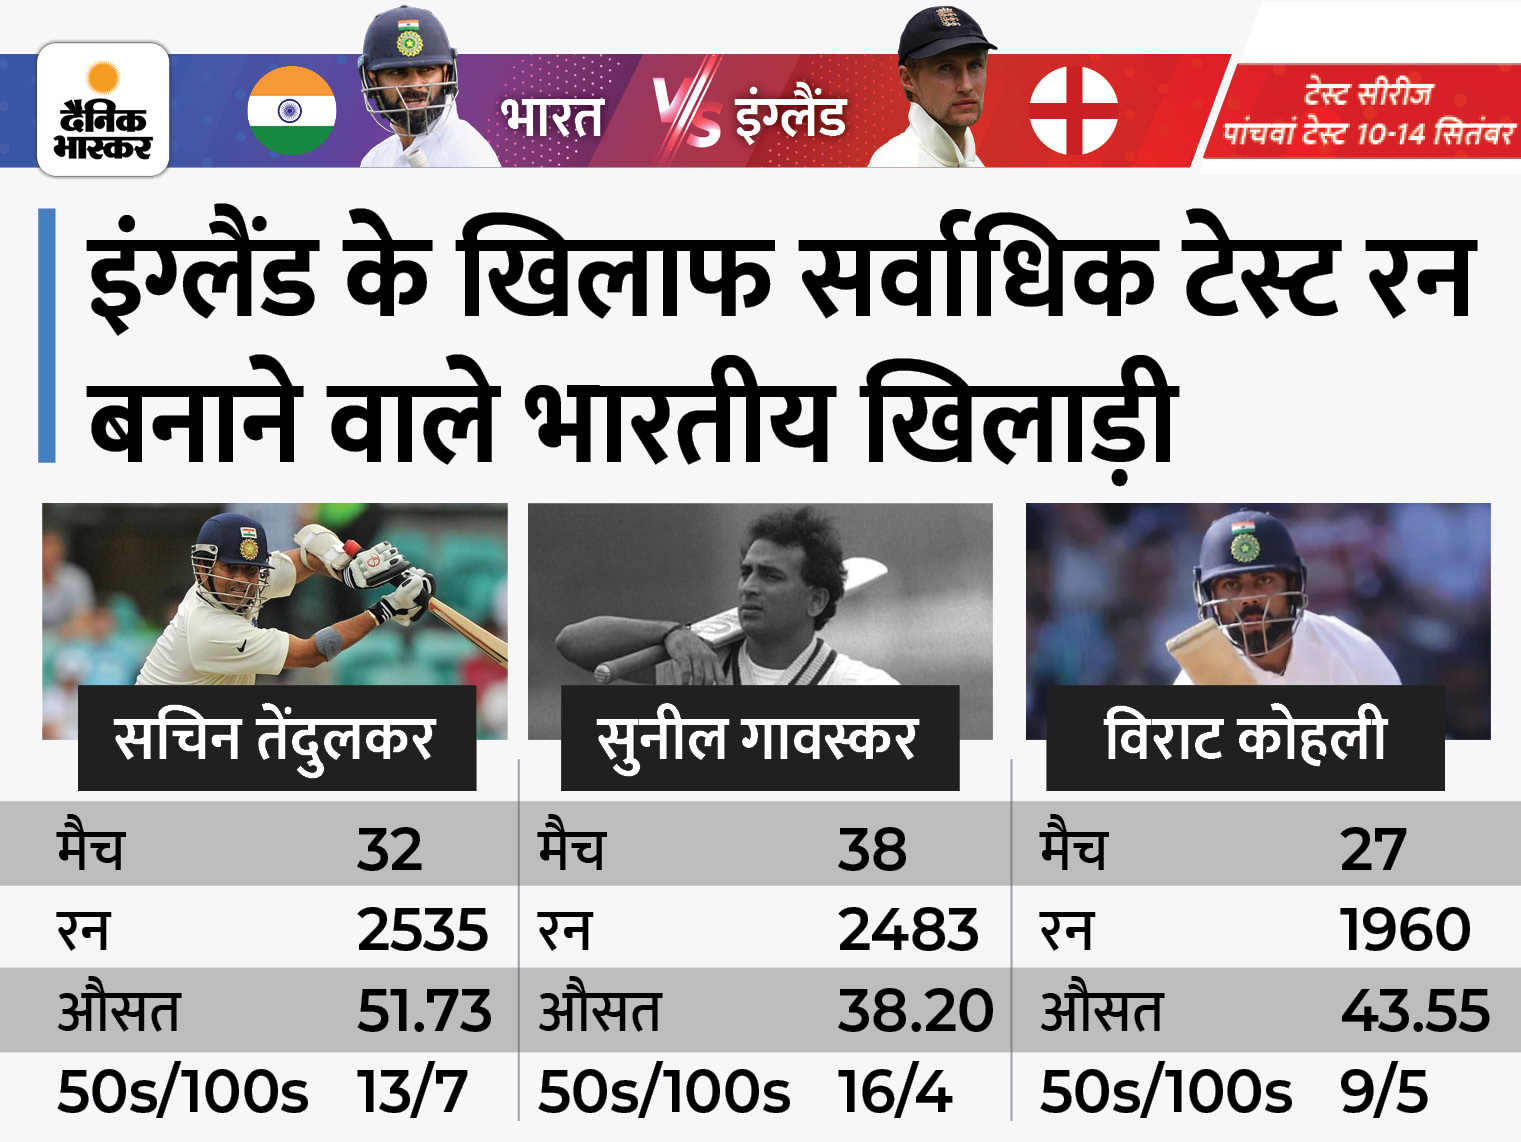 सचिन तेंदुलकर-सुनील गावस्कर के खास क्लब में शामिल हो सकते हैं कैप्टन कोहली, सिराज की जगह शमी को मिल सकता है मौका क्रिकेट,Cricket - Dainik Bhaskar